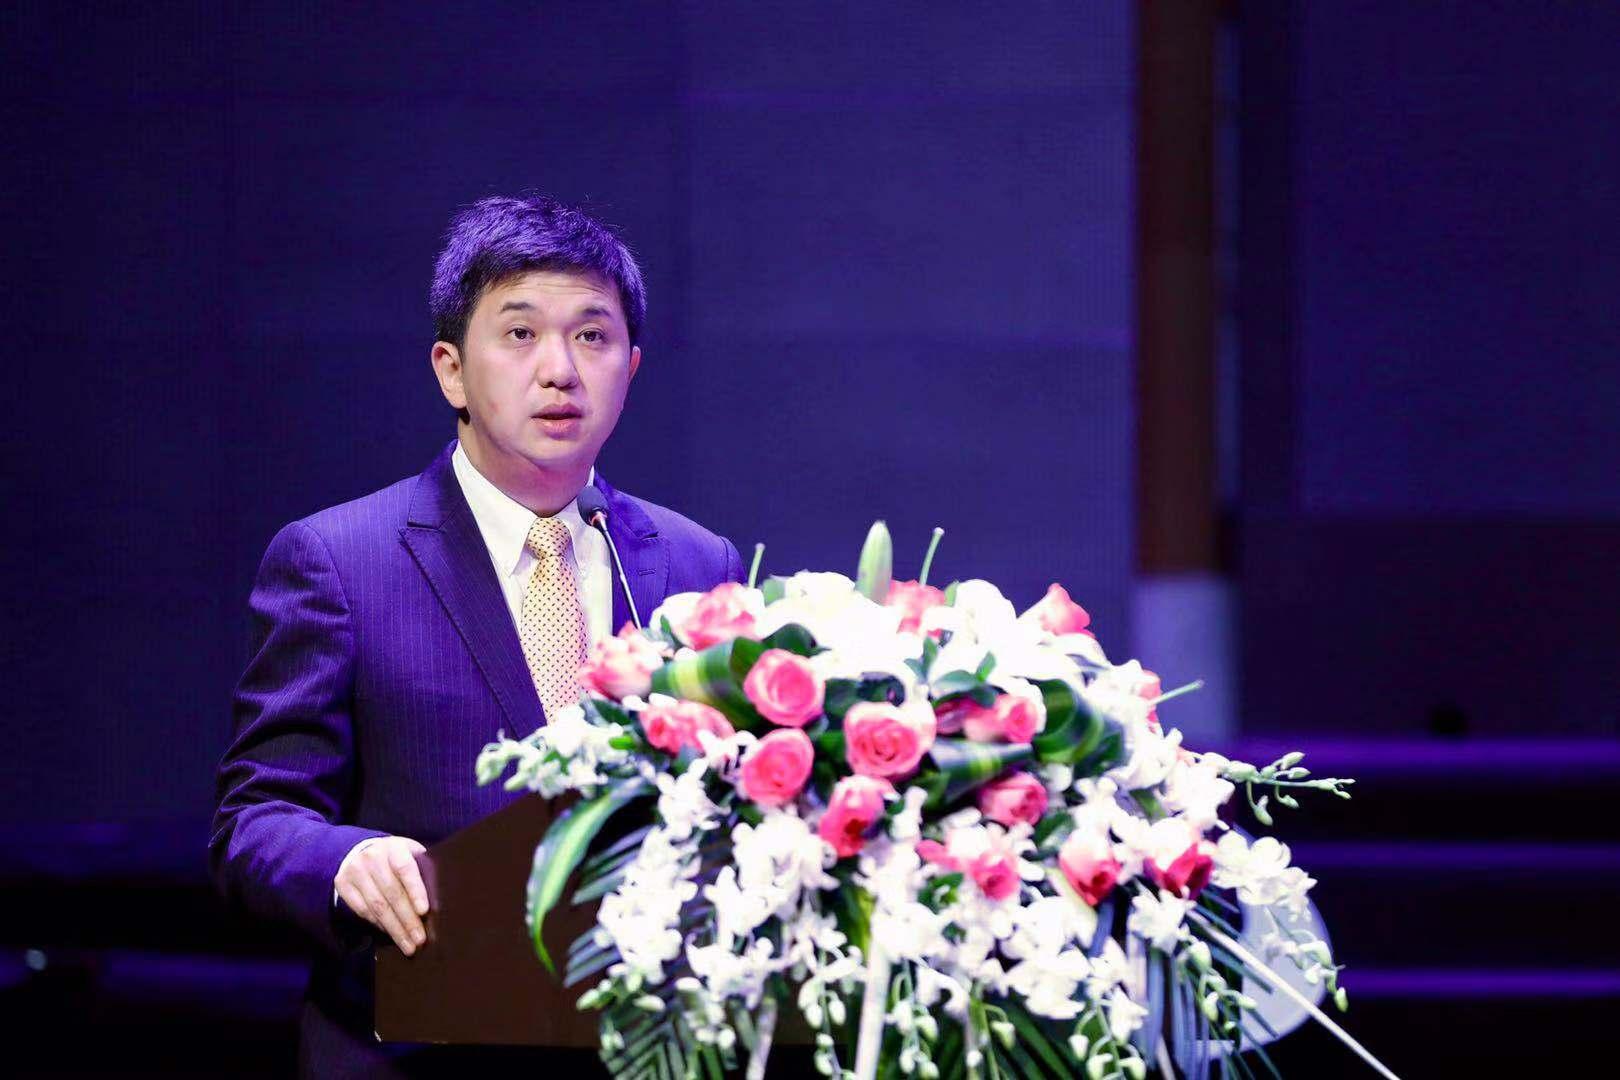 证券业分析师金牛奖评委会委员、金涌资本总经理林暾发表演讲